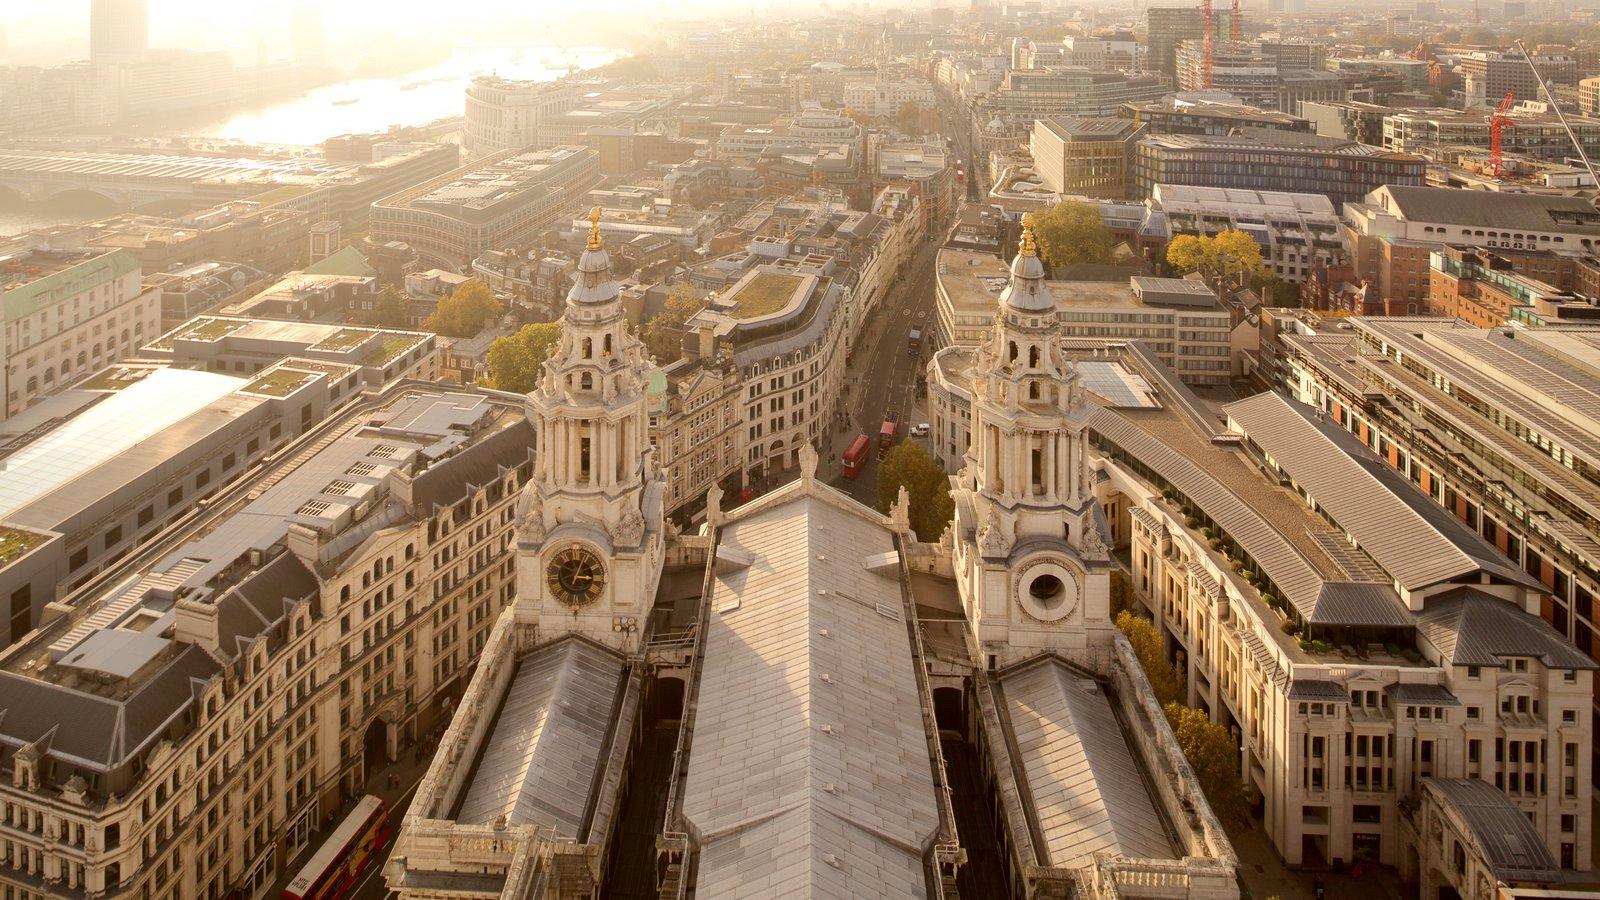 St. Paul\'s Cathedral mostrando uma cidade e arquitetura de patrimônio